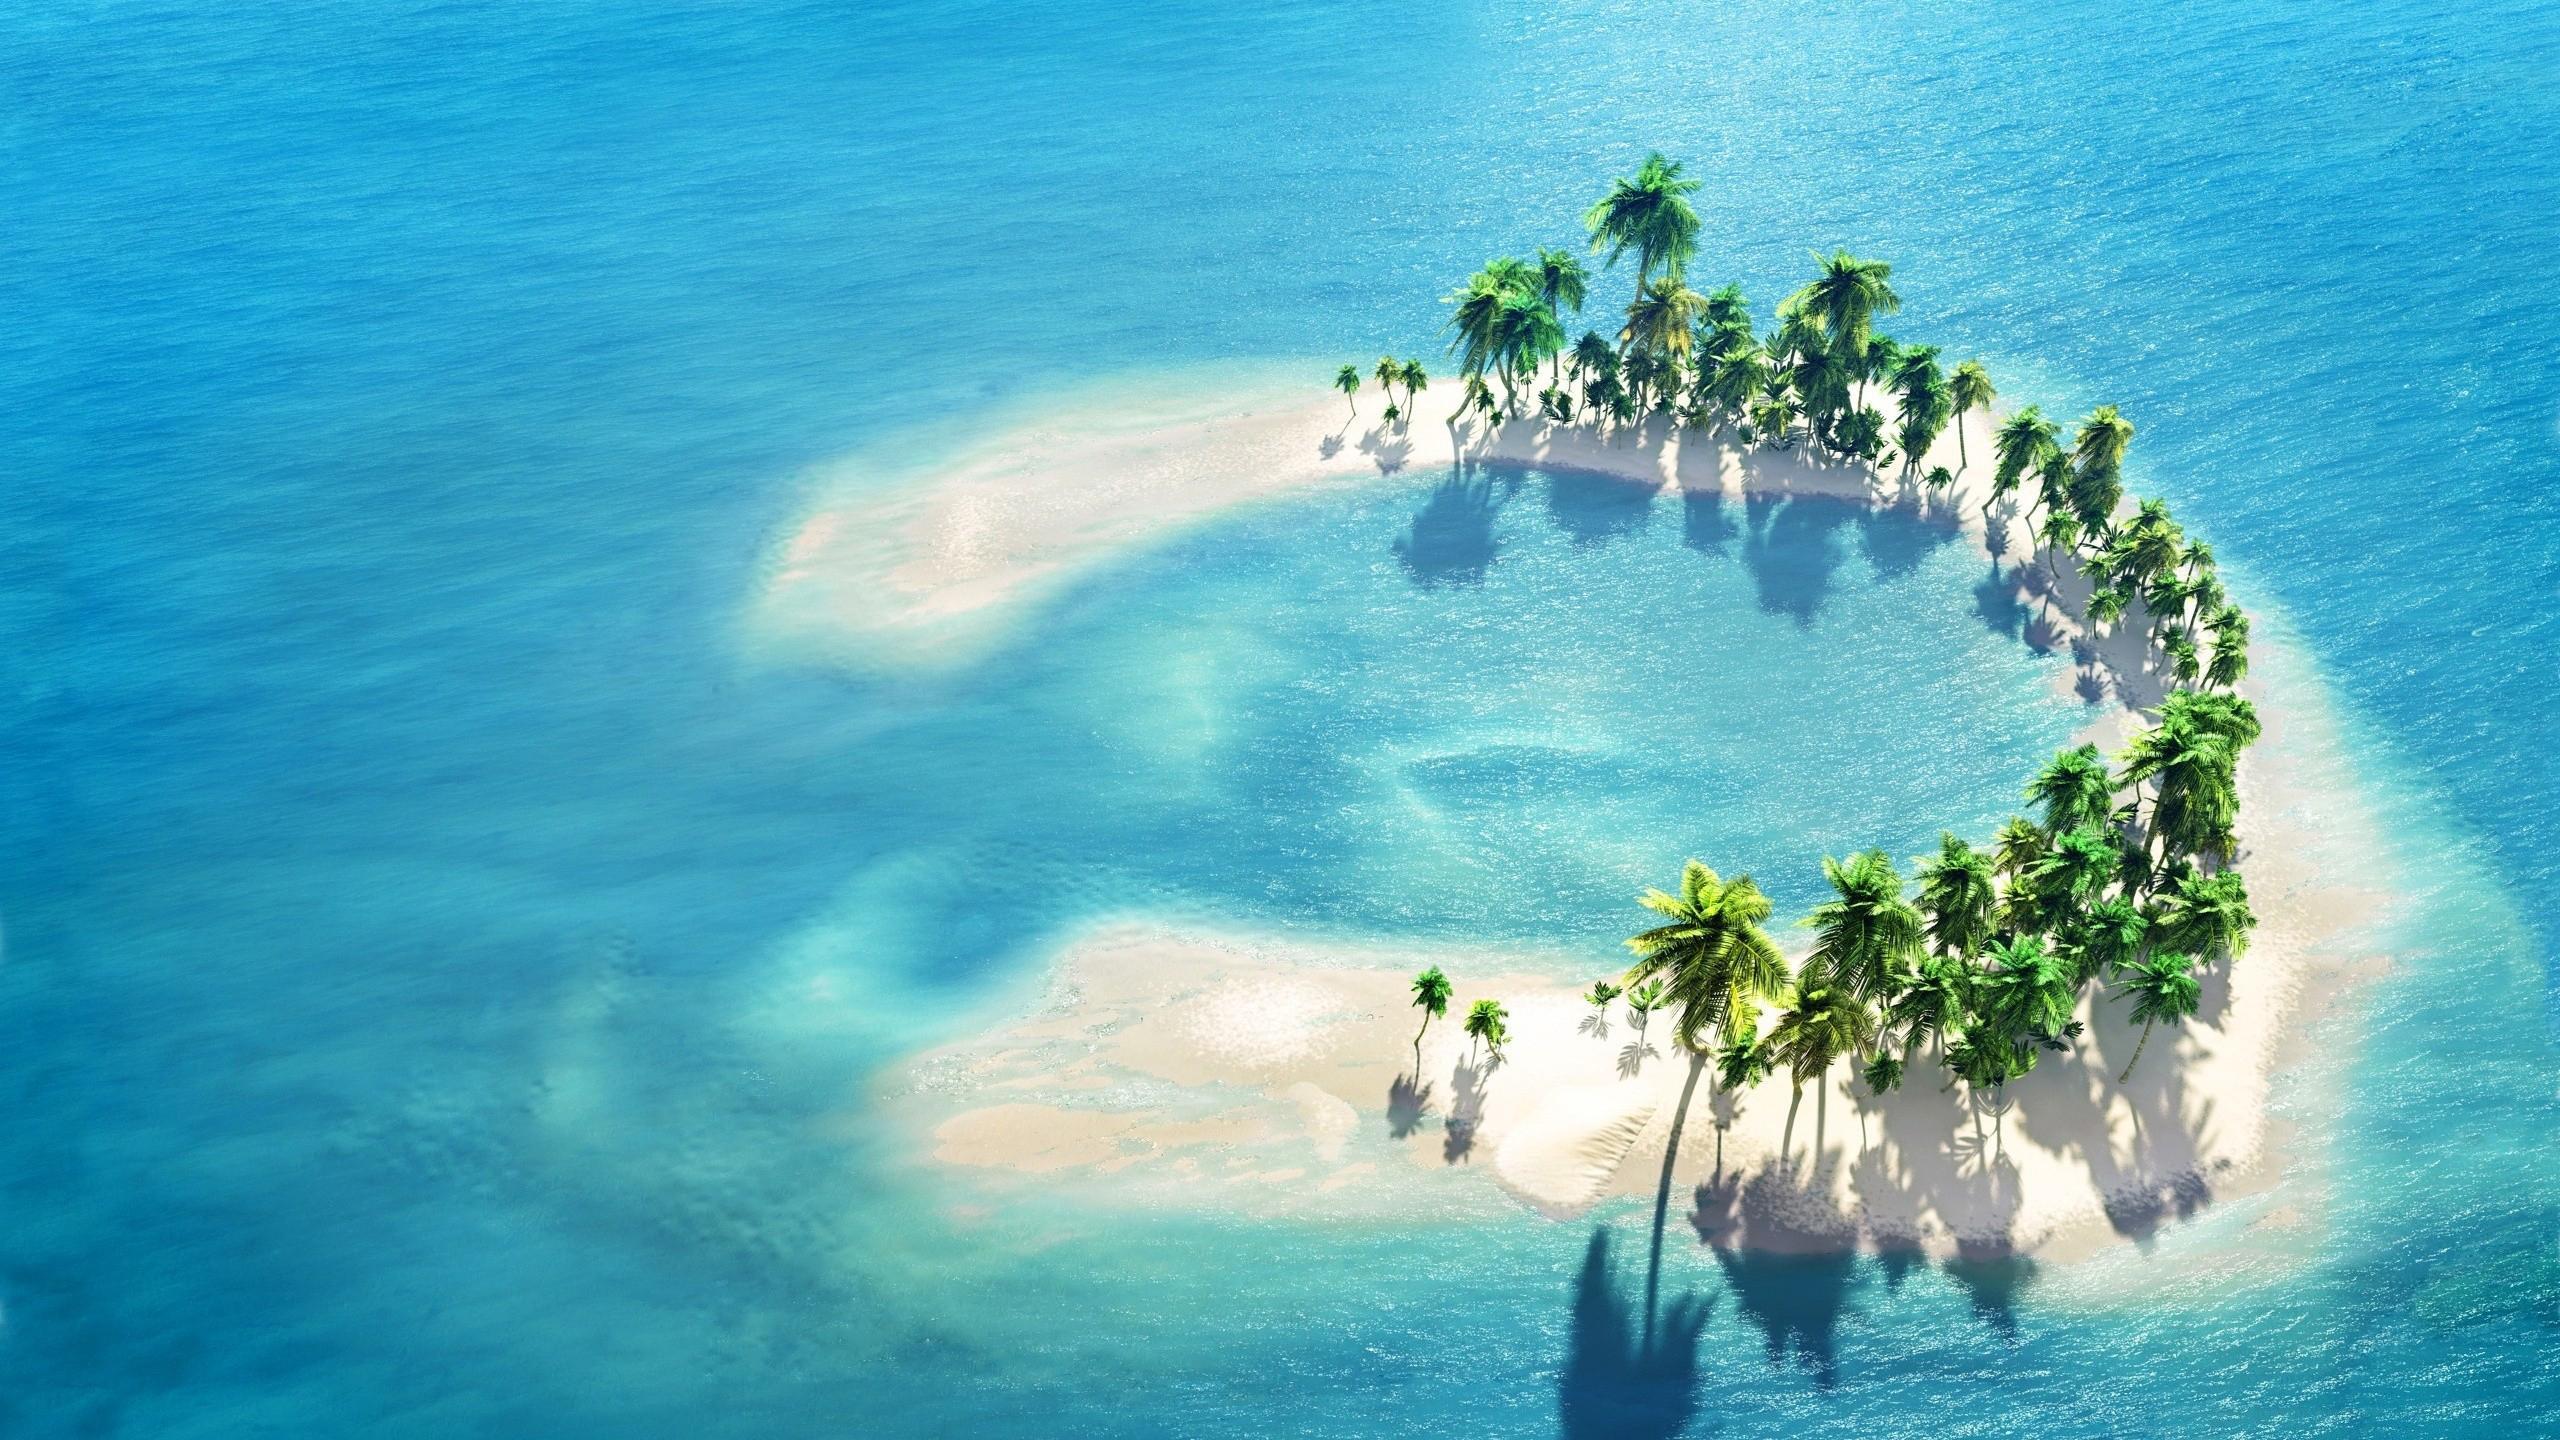 神秘的海上孤岛图片高清宽屏壁纸